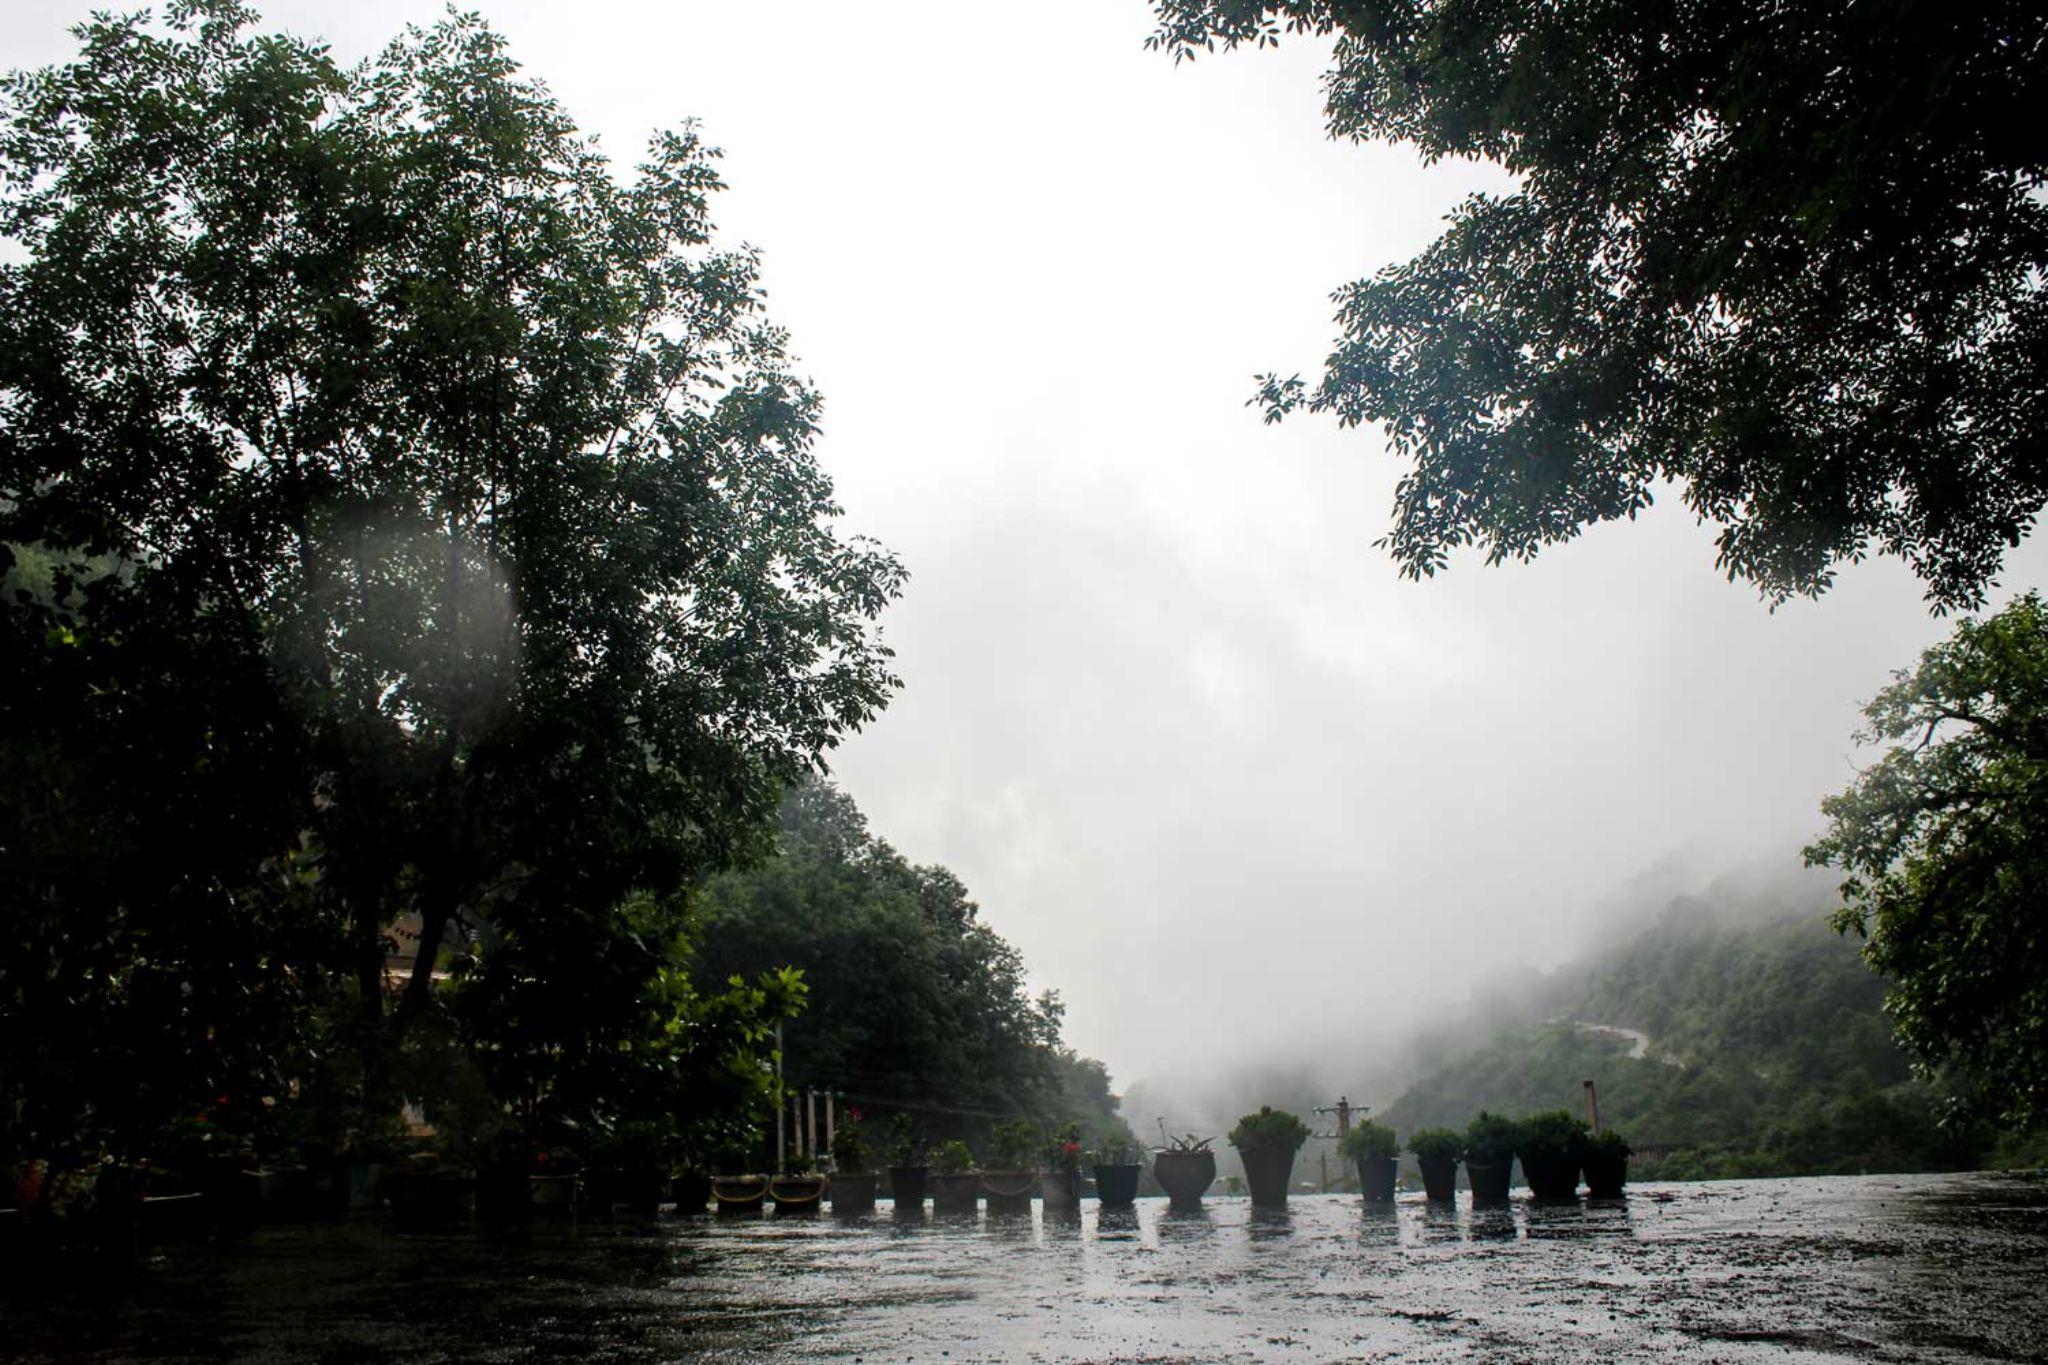 rain morning by Ahmad Safaii